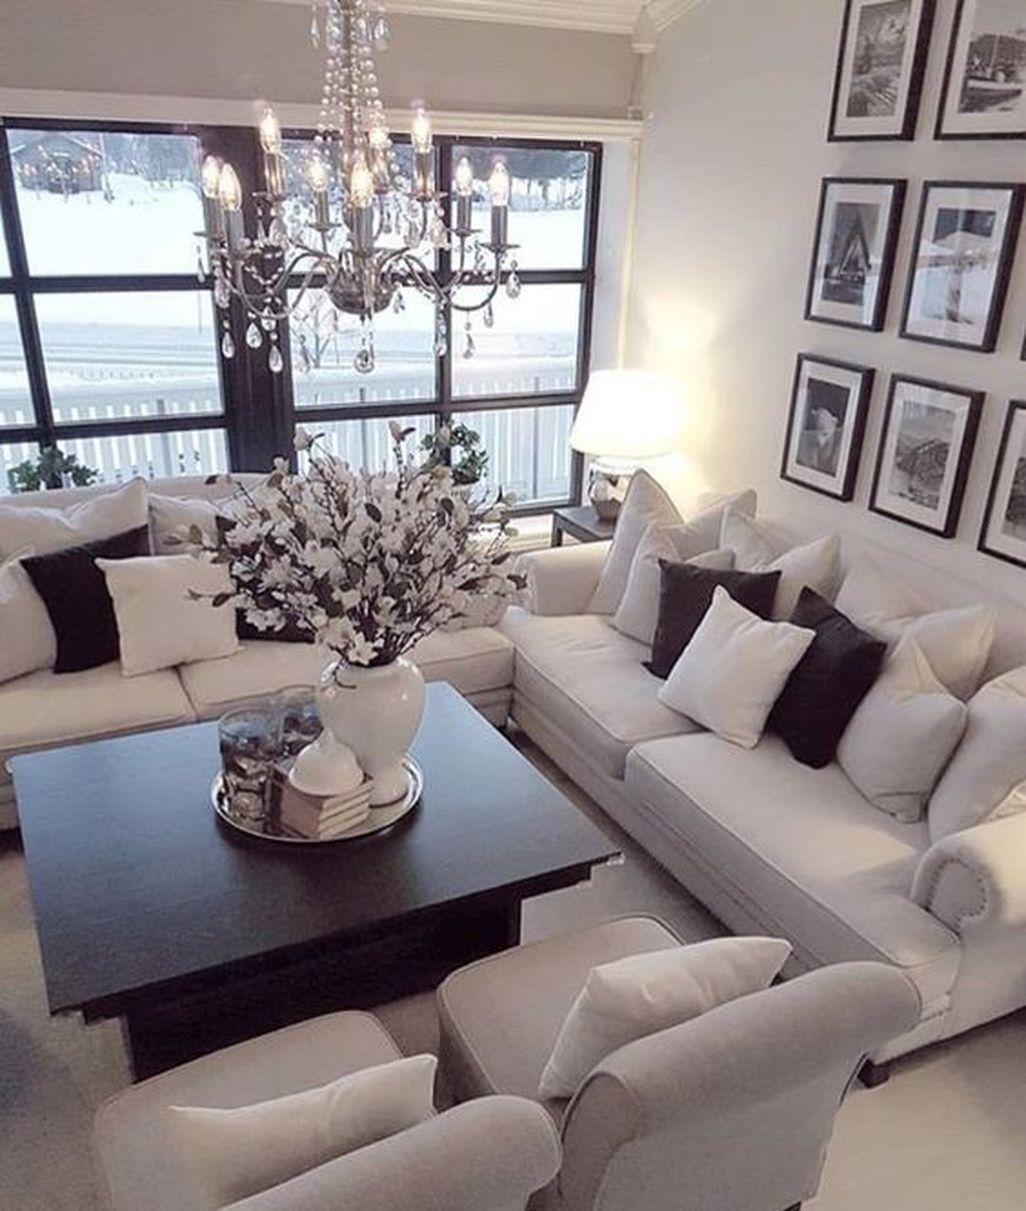 Inspiring Sitting Room Decor Ideas For Inviting And Cozy: 49 Elegant Interior European